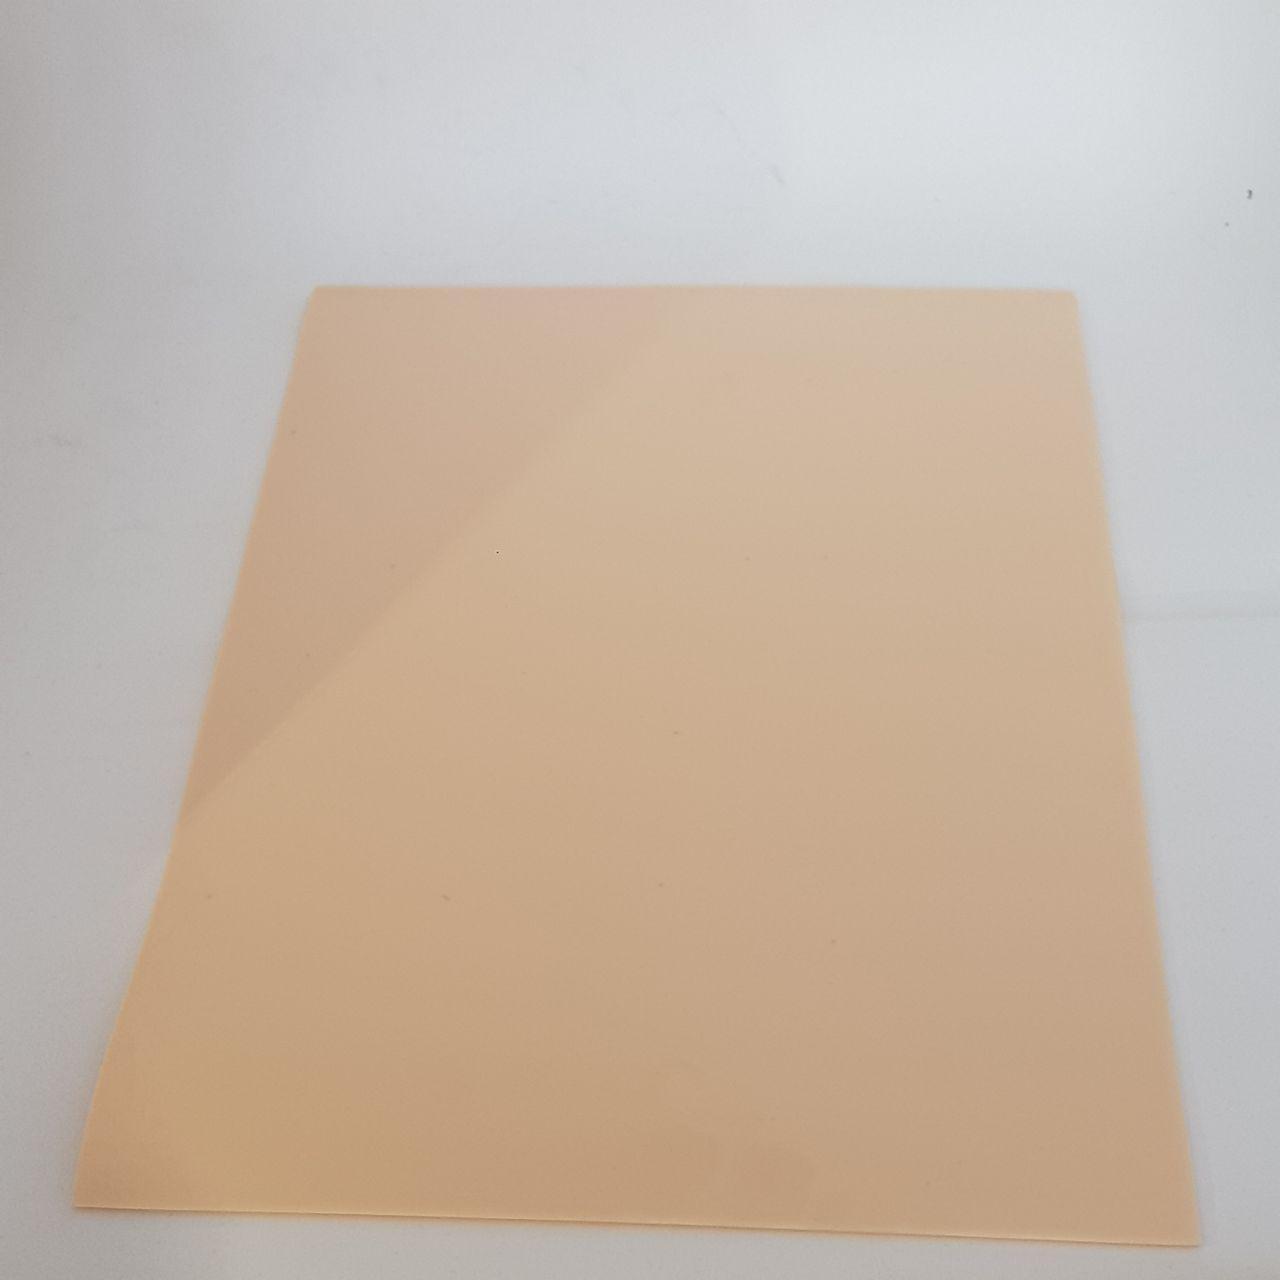 Кожа для практики А4  (21 на 29 см) плотная